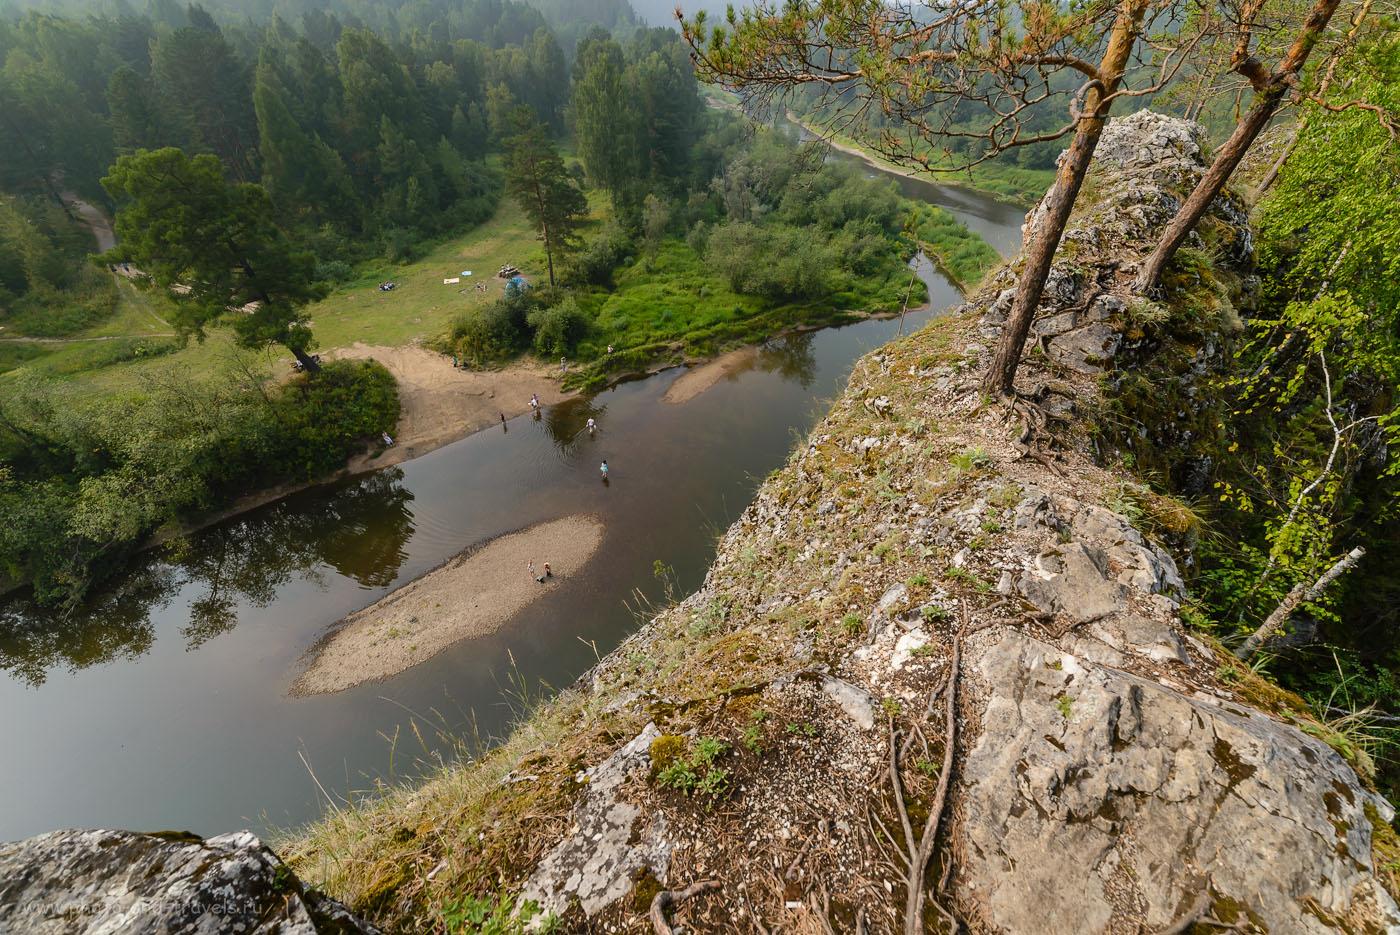 Фото 22. Вид на Сергу и туристическую стоянку с вершины скалы Карстовый мост в парке «Оленьи ручьи». Камера Nikon D610 и сверхширокоугольный объектив Samyang 14mm f/2.8. 1/500, -1.0, 8.0, 250, 14.